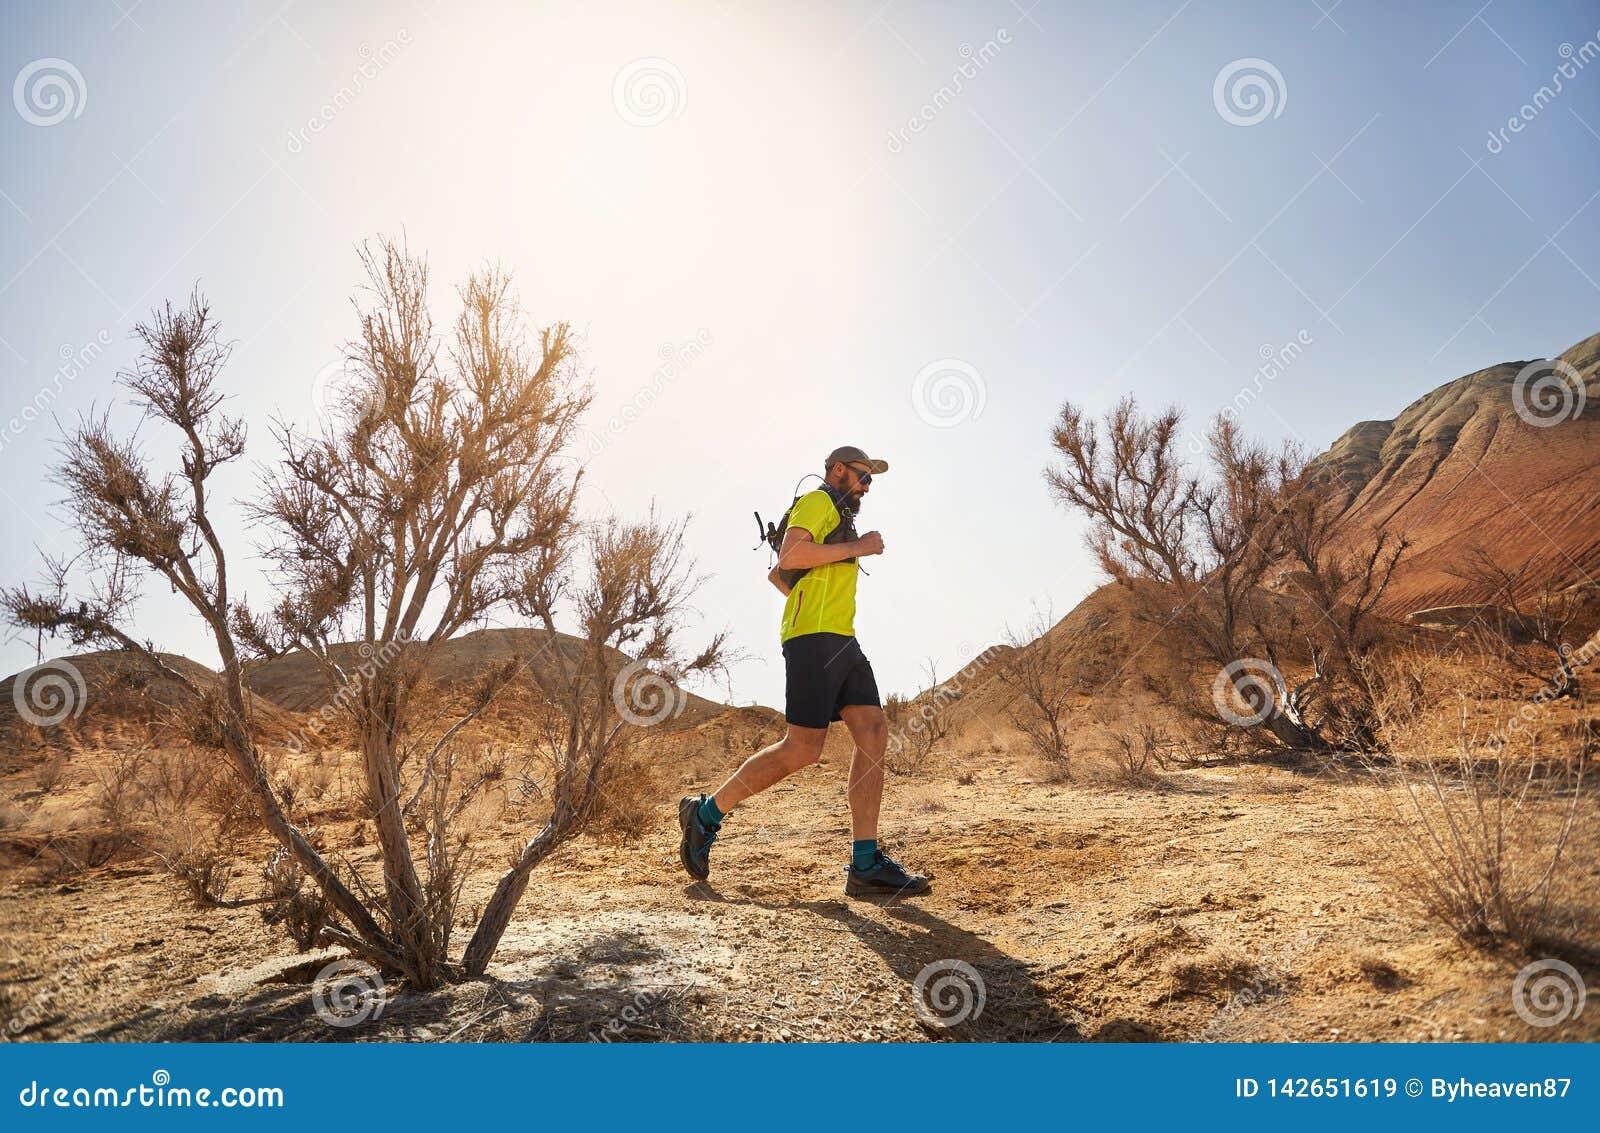 Hinterbetrieb in der Wüste